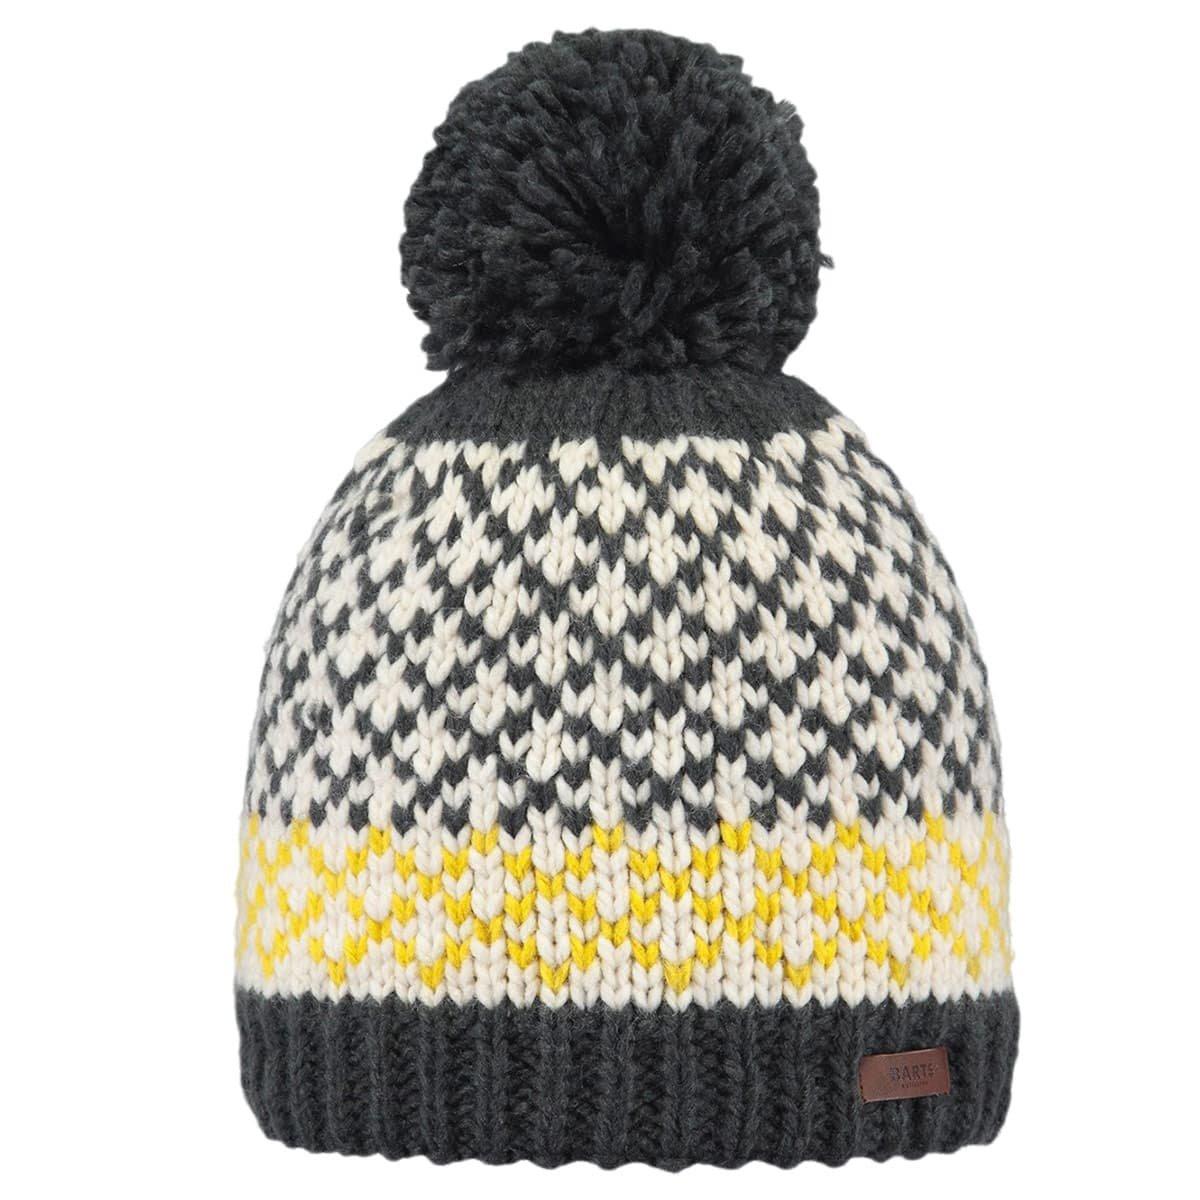 famous brand discount official store BARTS | Dyri Beanie, EUR 31,49 --> Online Hatshop for hats, caps ...